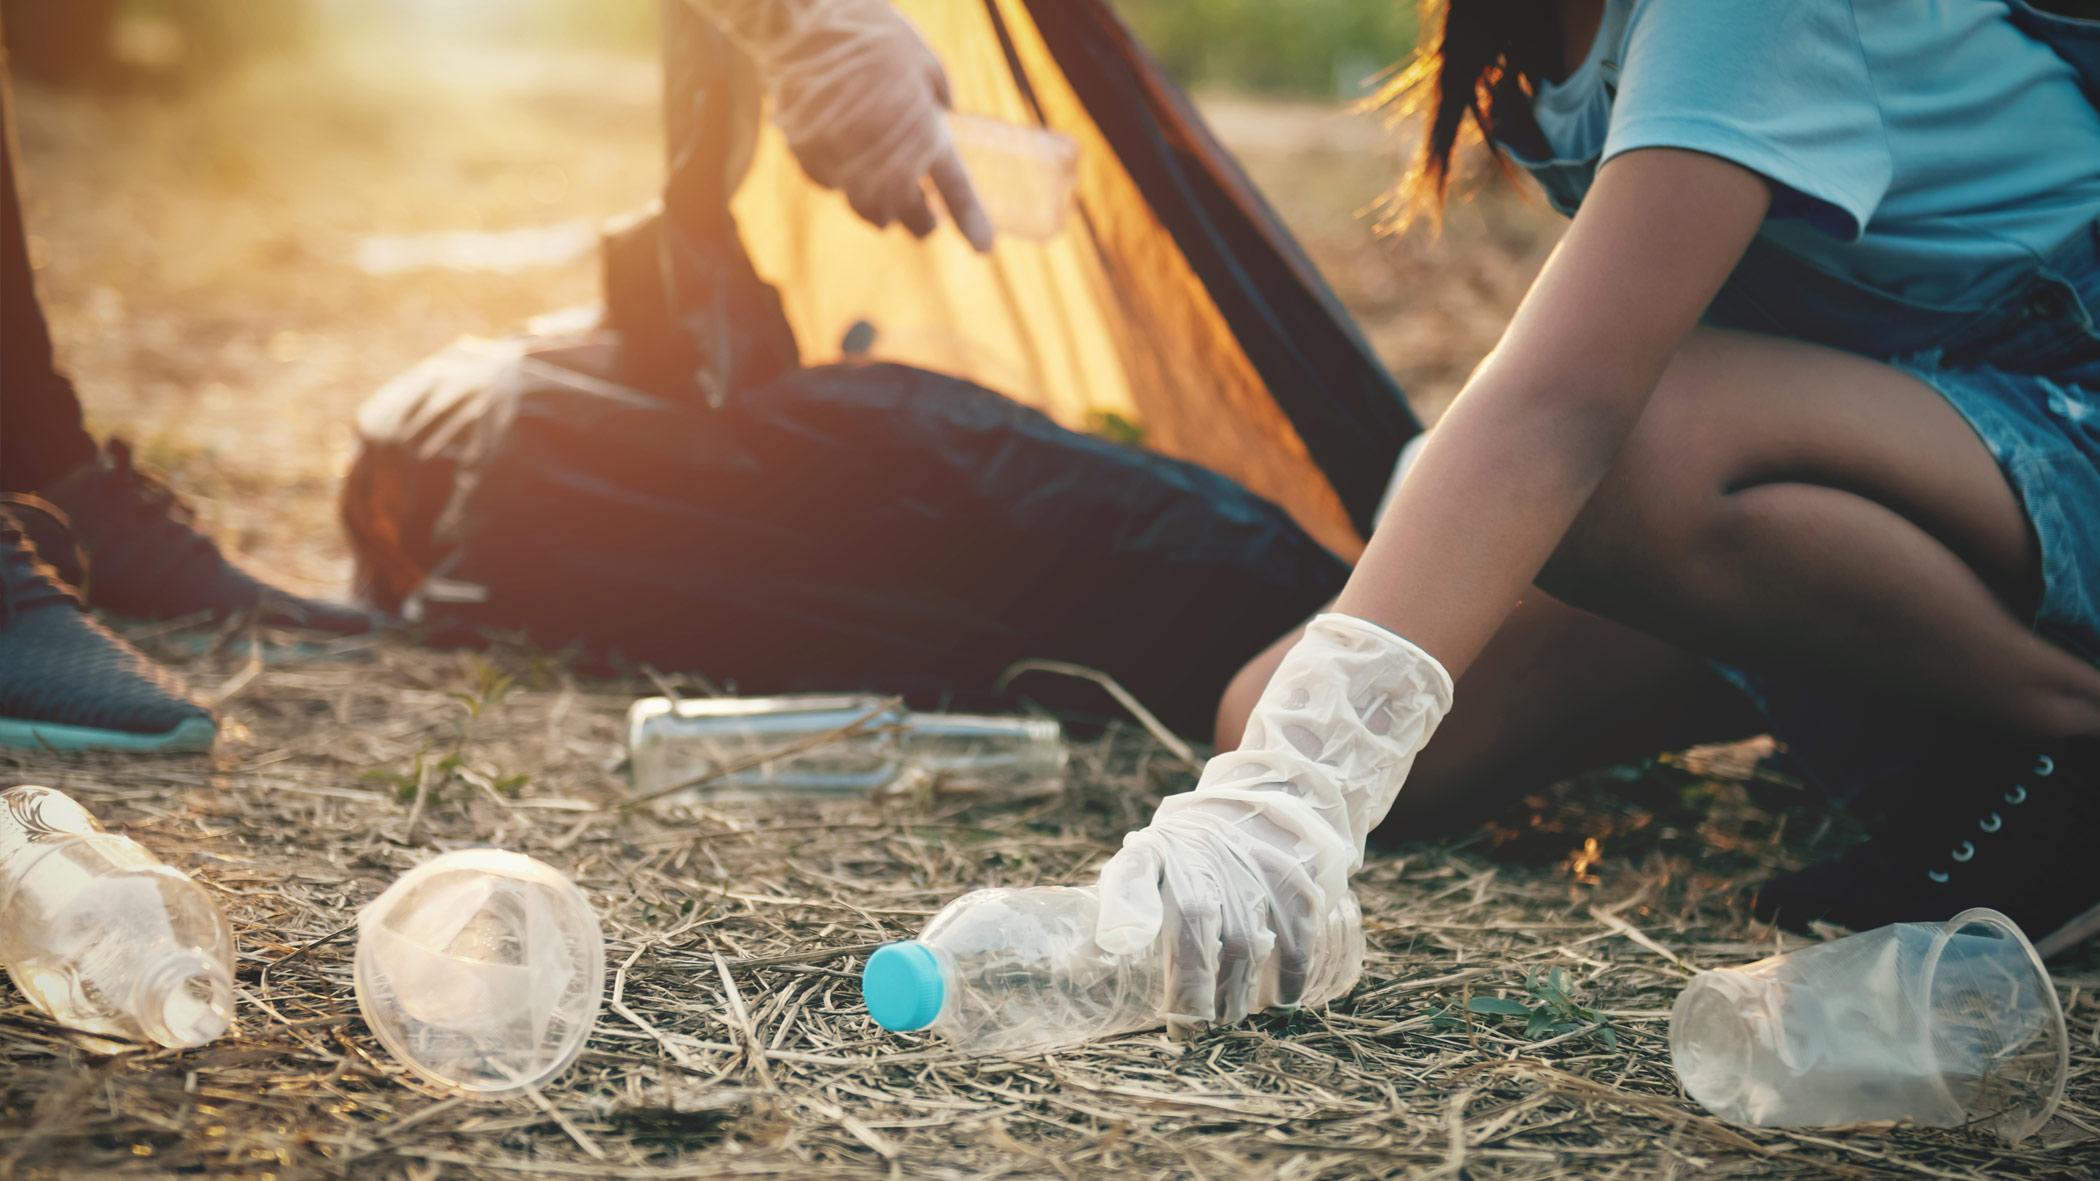 El turismo actúa frente a los residuos plásticos y la contaminación